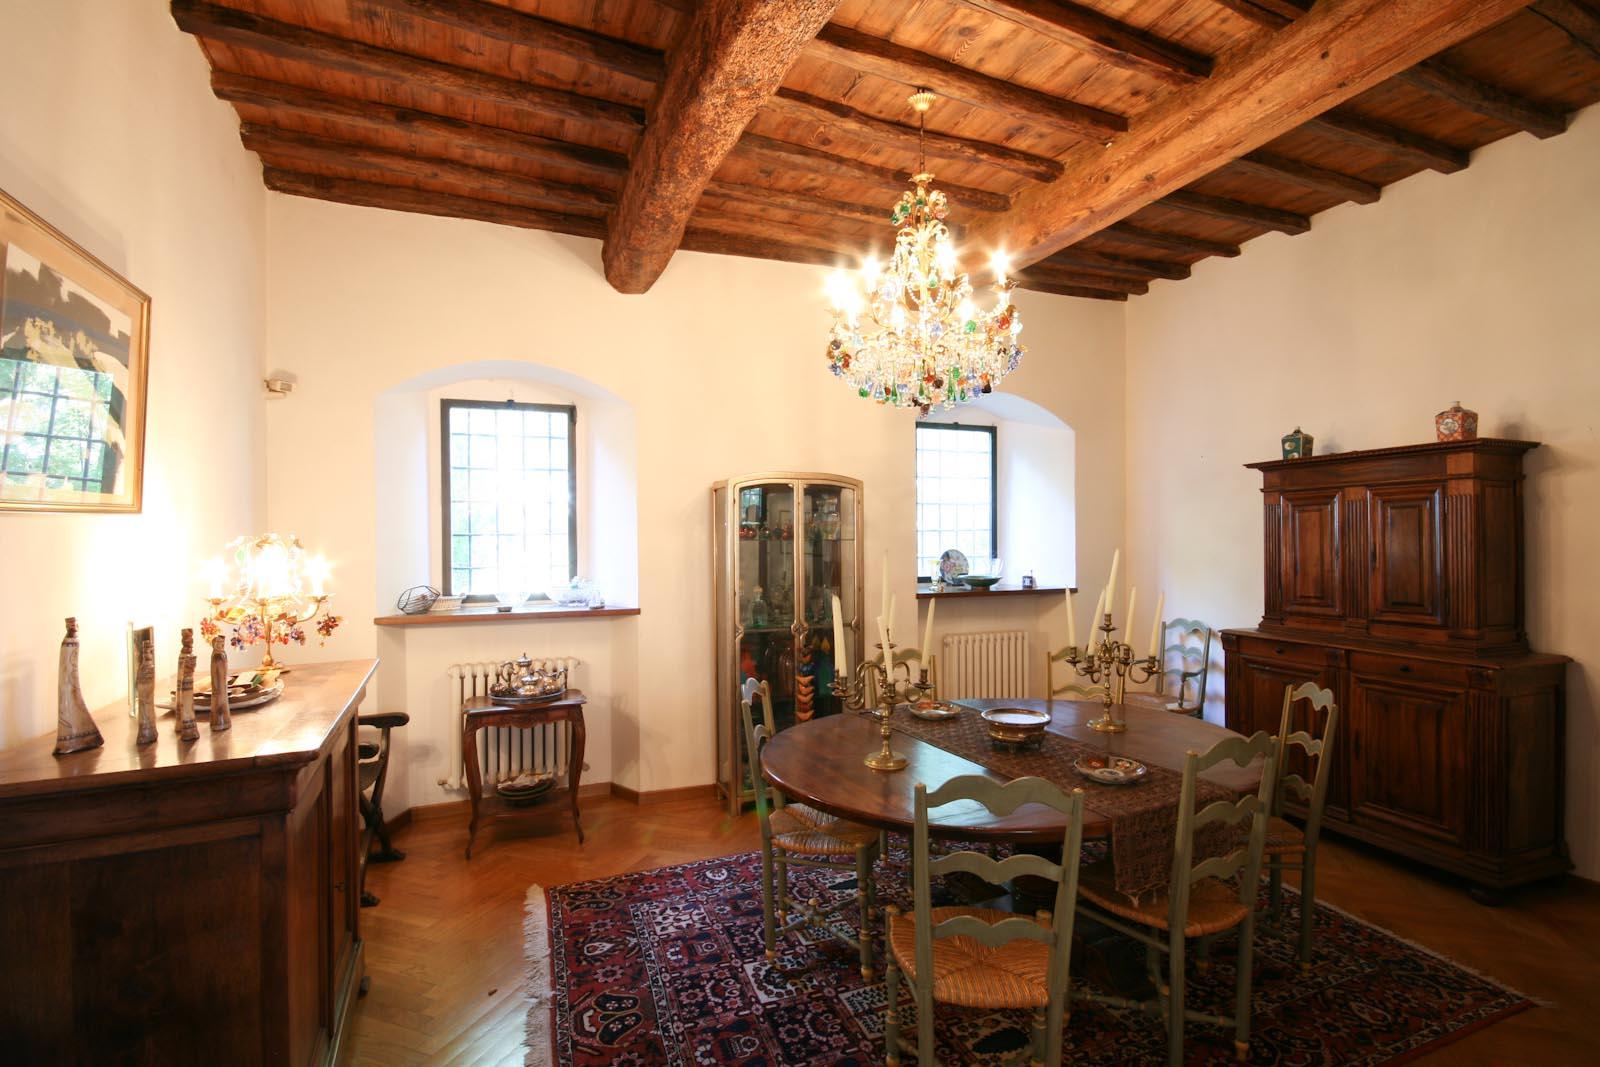 Villa In Vendita In Italia Toscana Firenze Bagno A Ripoli Villa  #AC4F1F 1600 1067 Nella Sala Da Pranzo In Francese